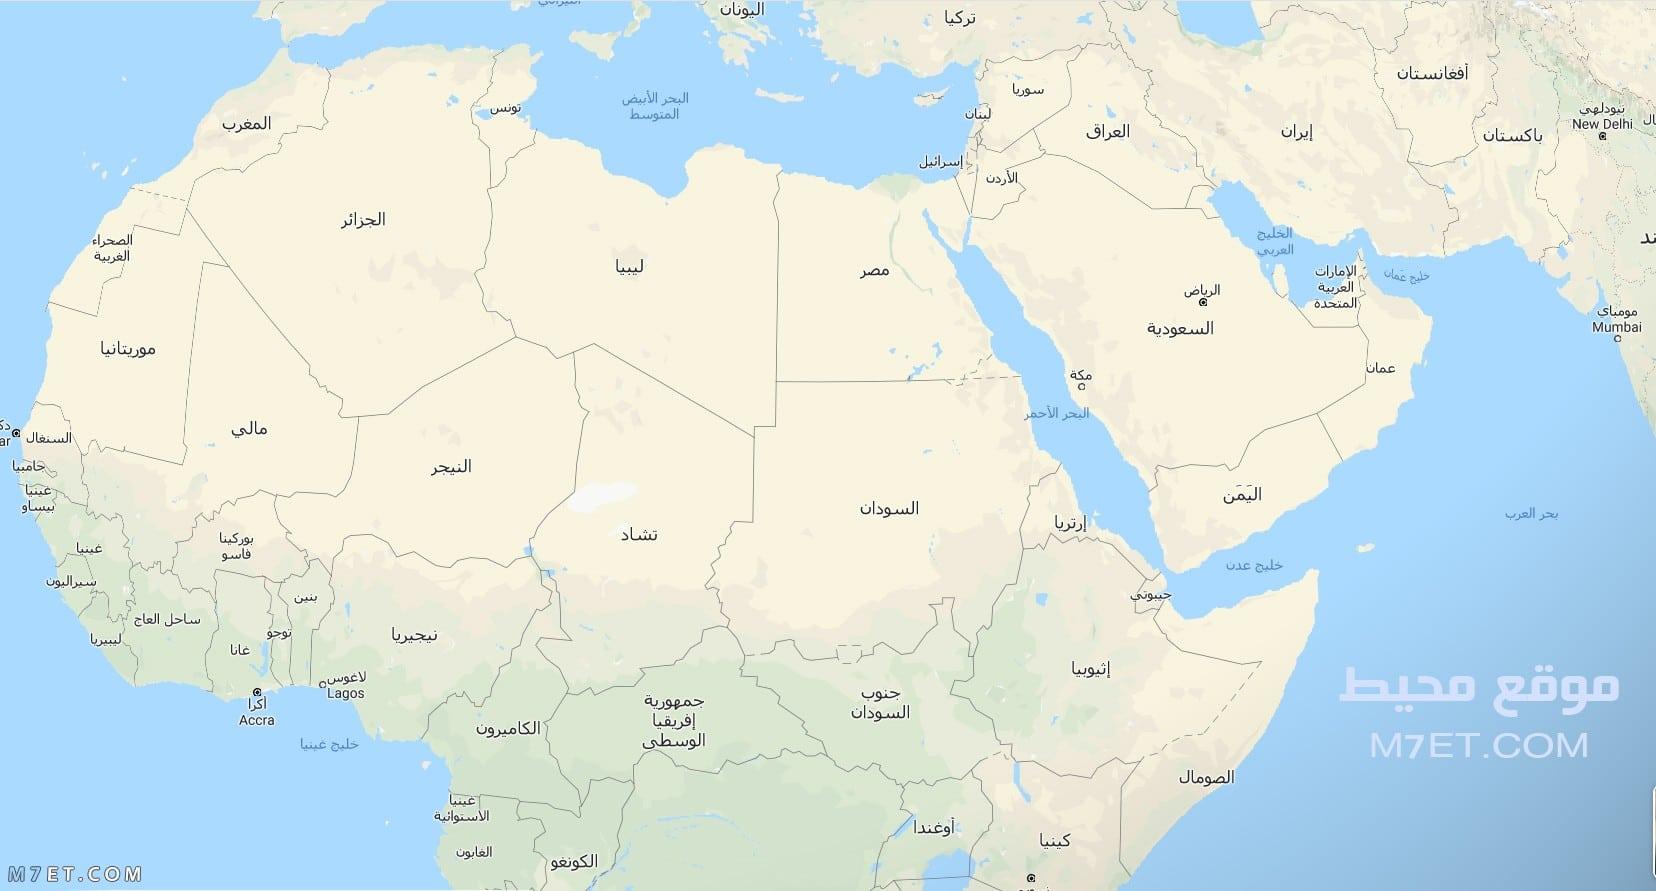 خريطة الوطن العربي 2020